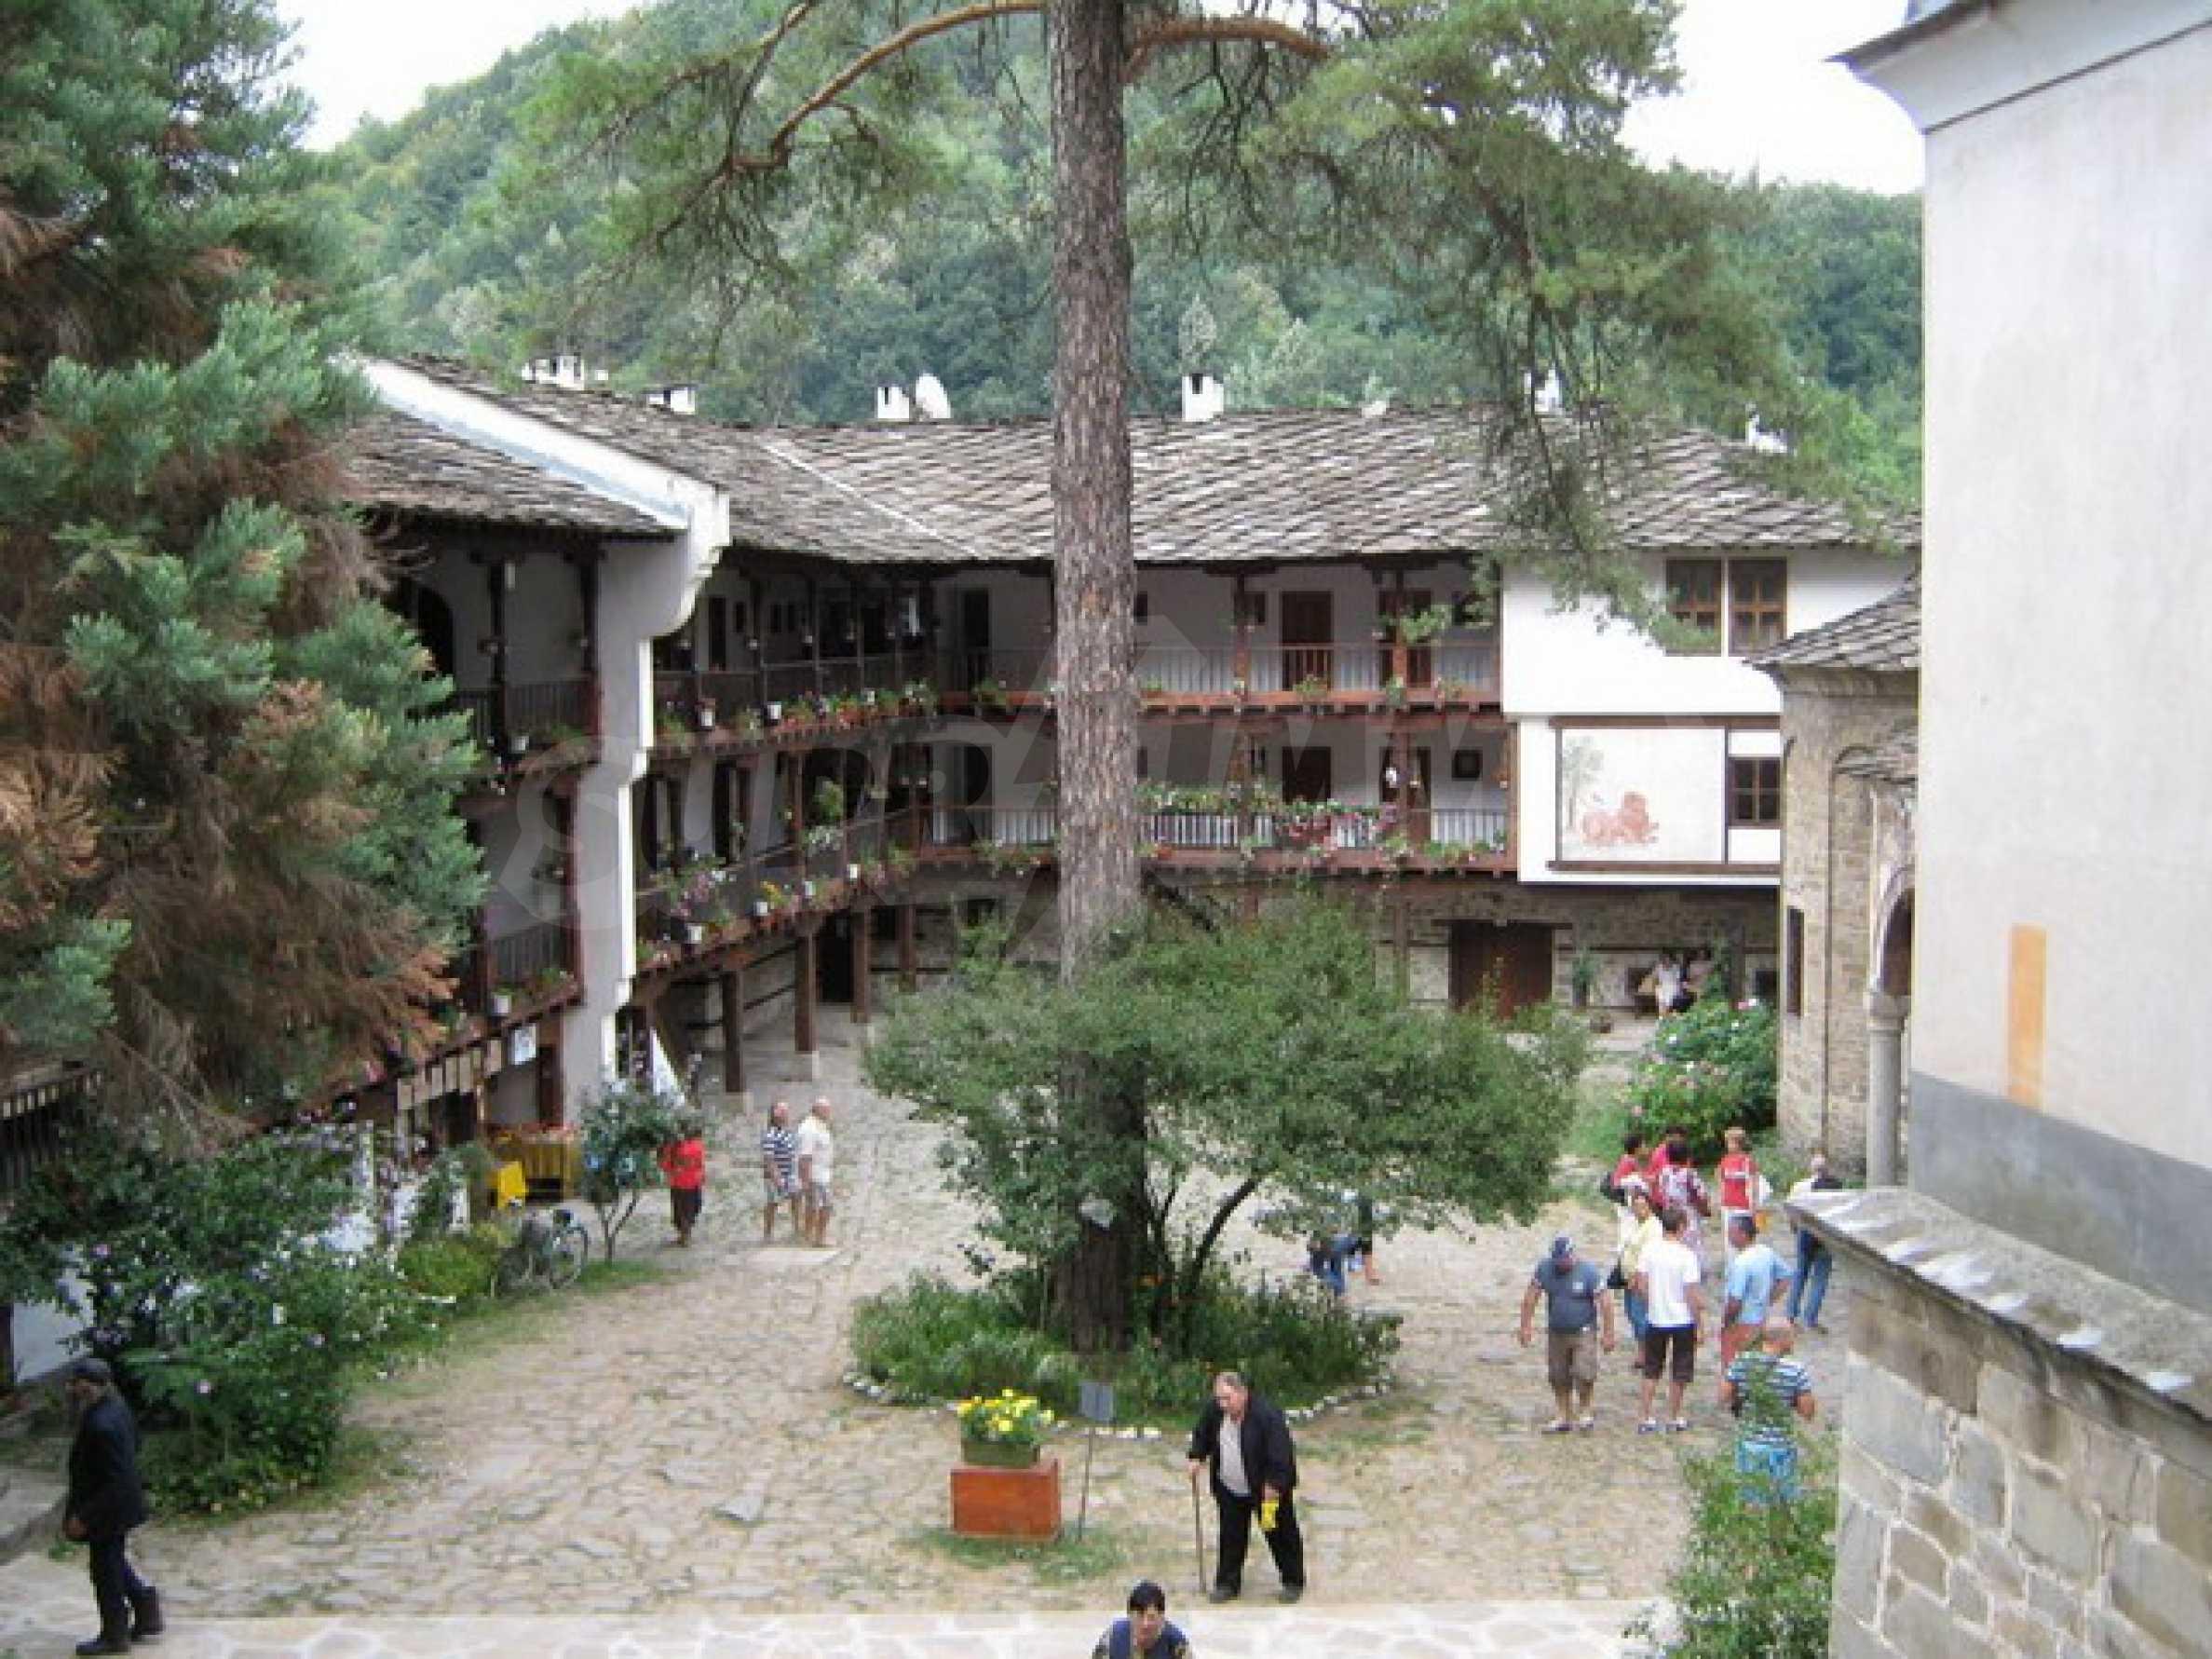 Прекрасный участок земли около известного монастыря в горном регионе! 4